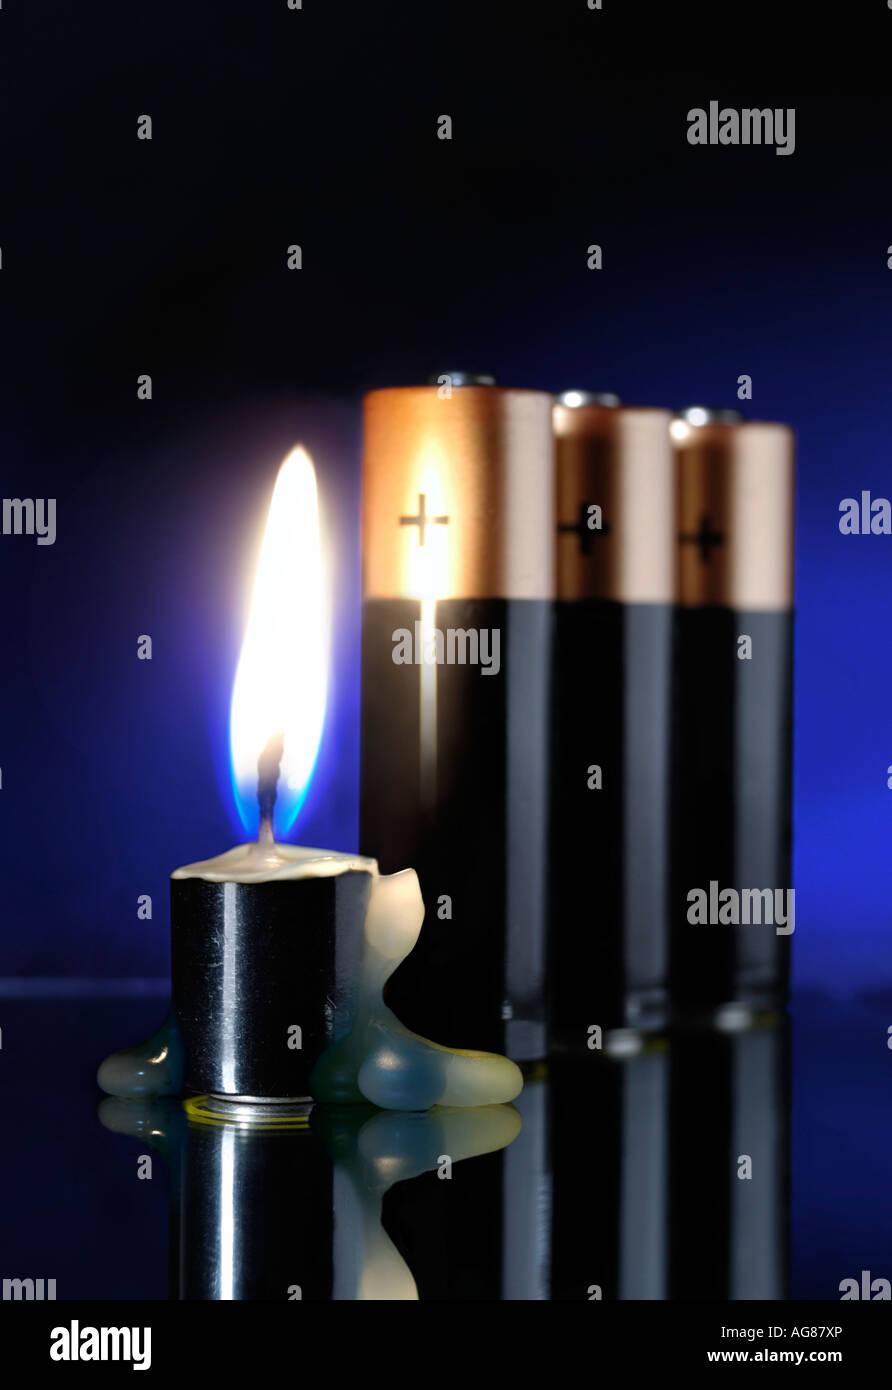 Batería ardiendo como una vela de electricidad de fuentes de energía y el concepto de conservación Imagen De Stock